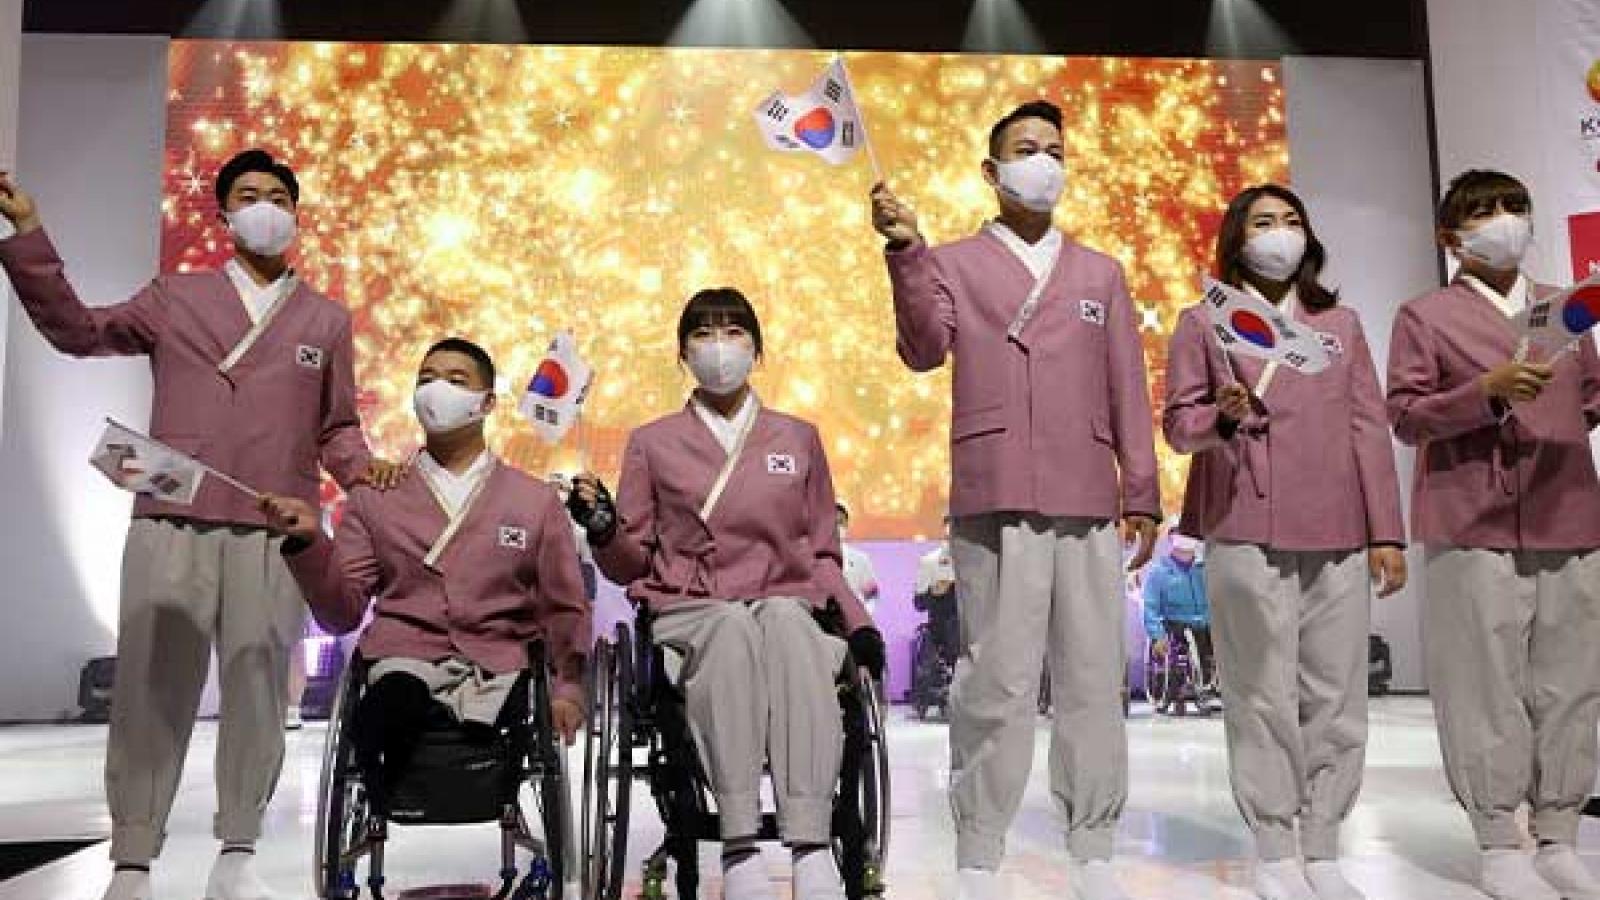 Hàn Quốc xuất quân tham dự Paralympic Tokyo 2020